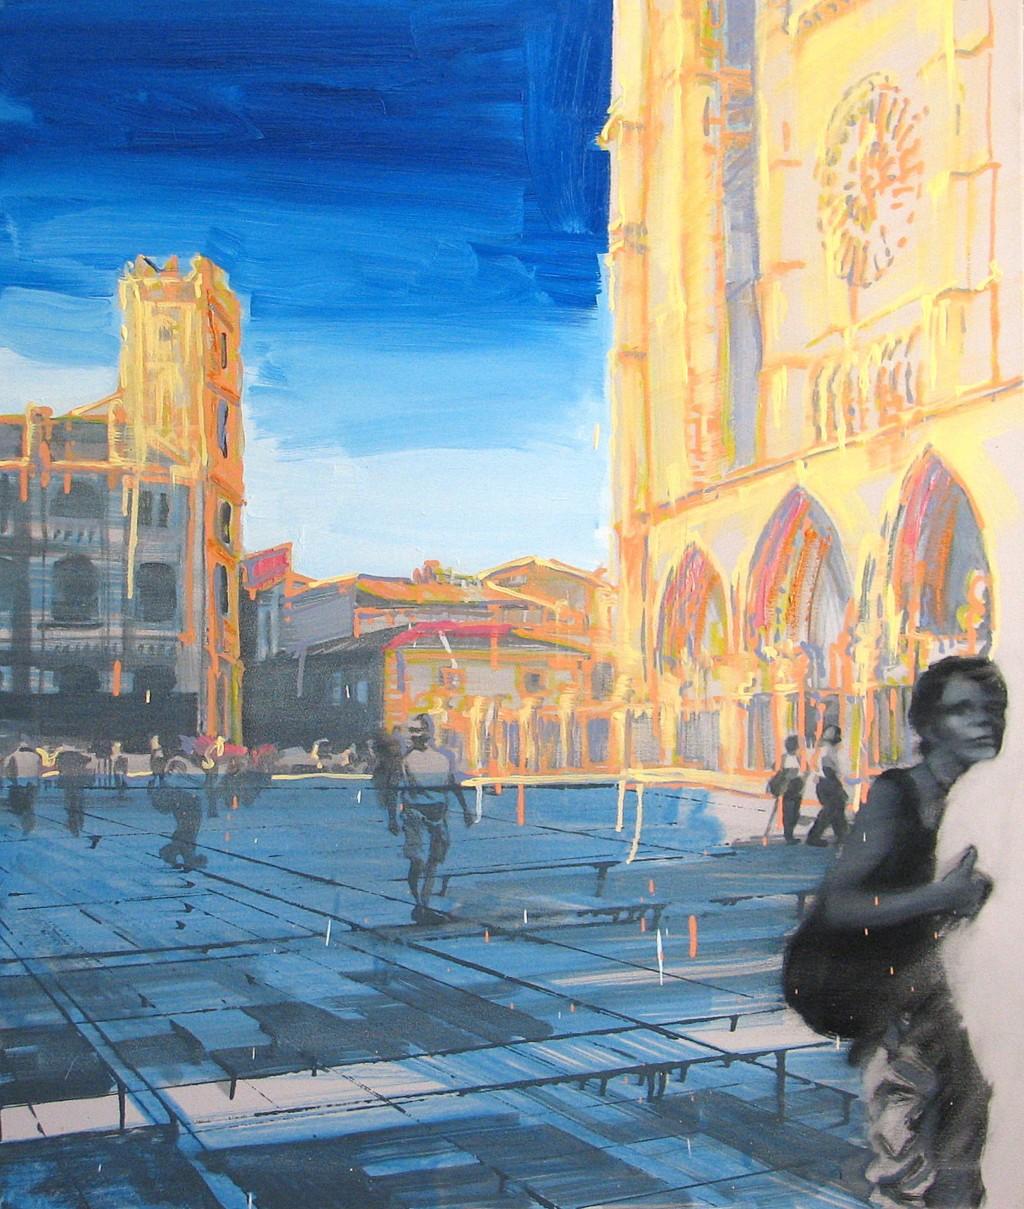 'Słoneczne wakacje', 2014, 100x85 cm, olej na płótnie